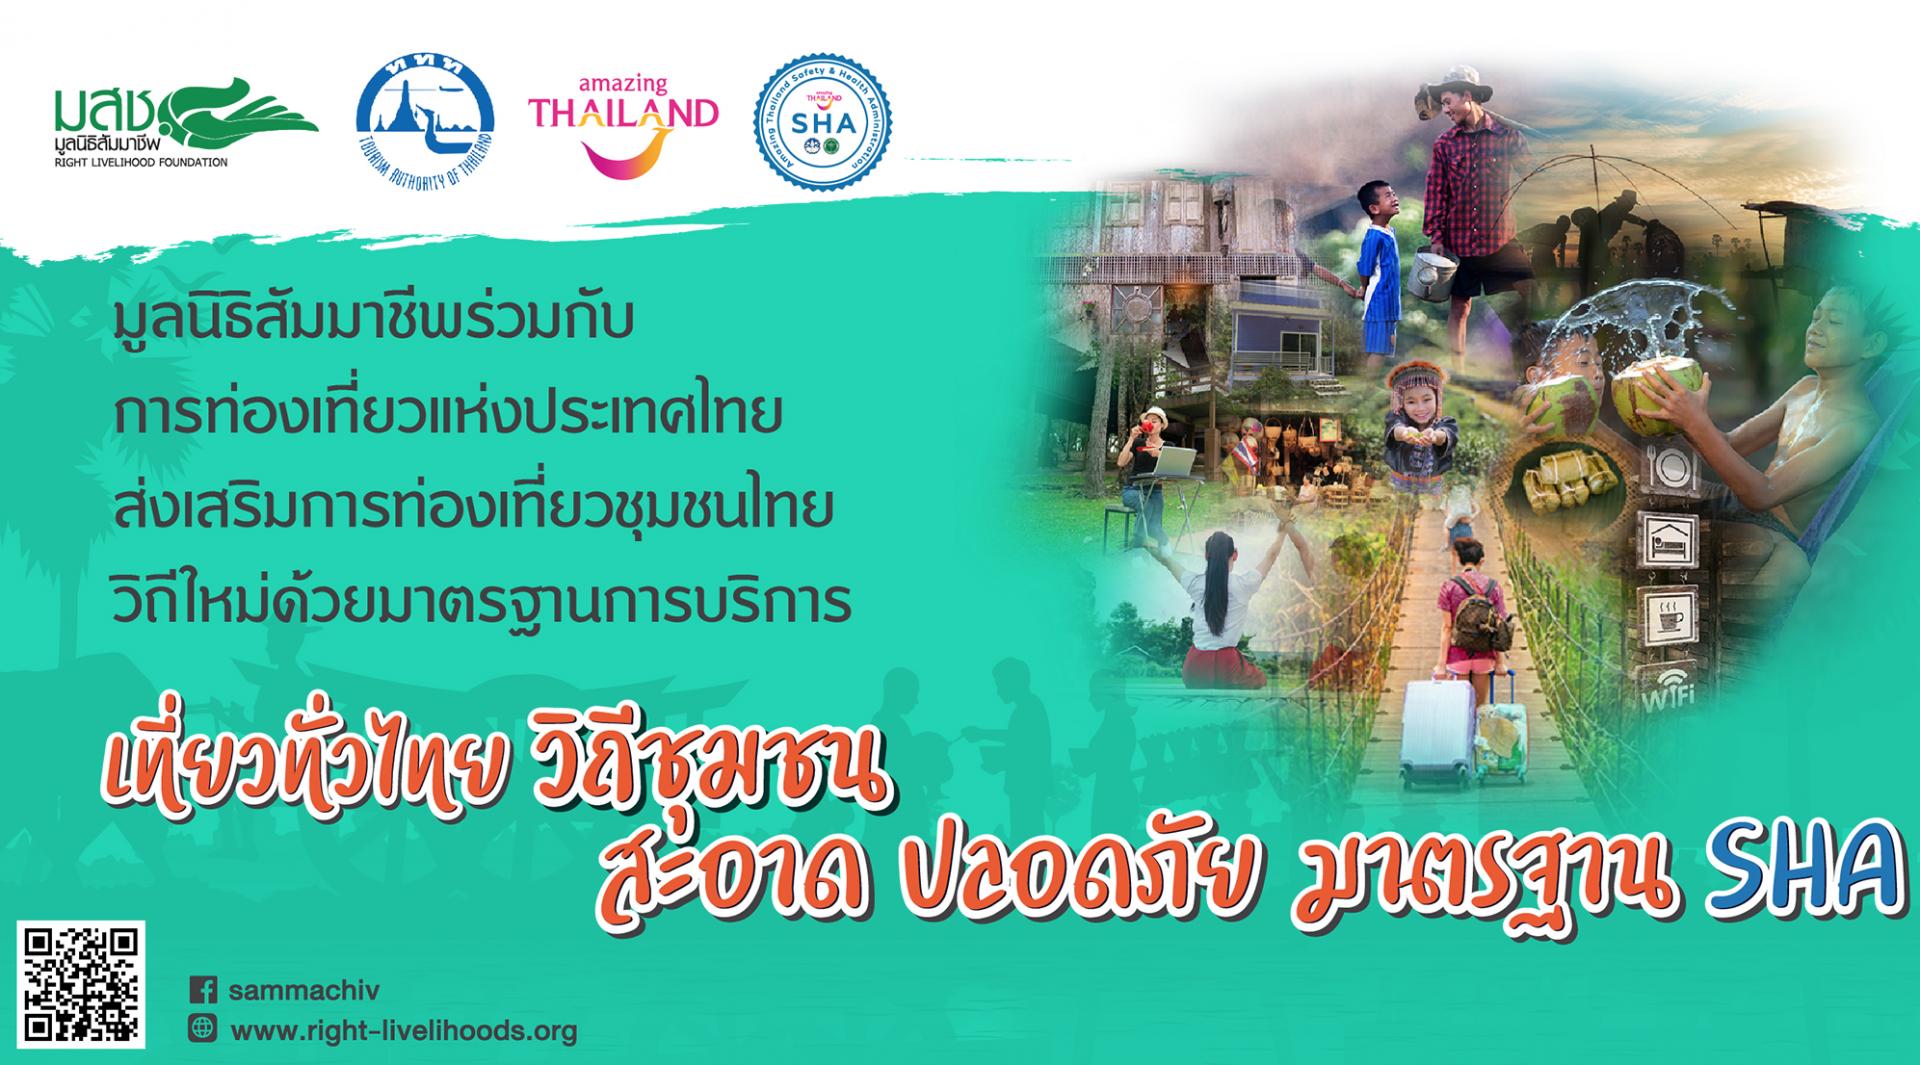 โครงการส่งเสริมการท่องเที่ยวชุมชนไทย วิถีใหม่ด้วยมาตรฐานการบริการ